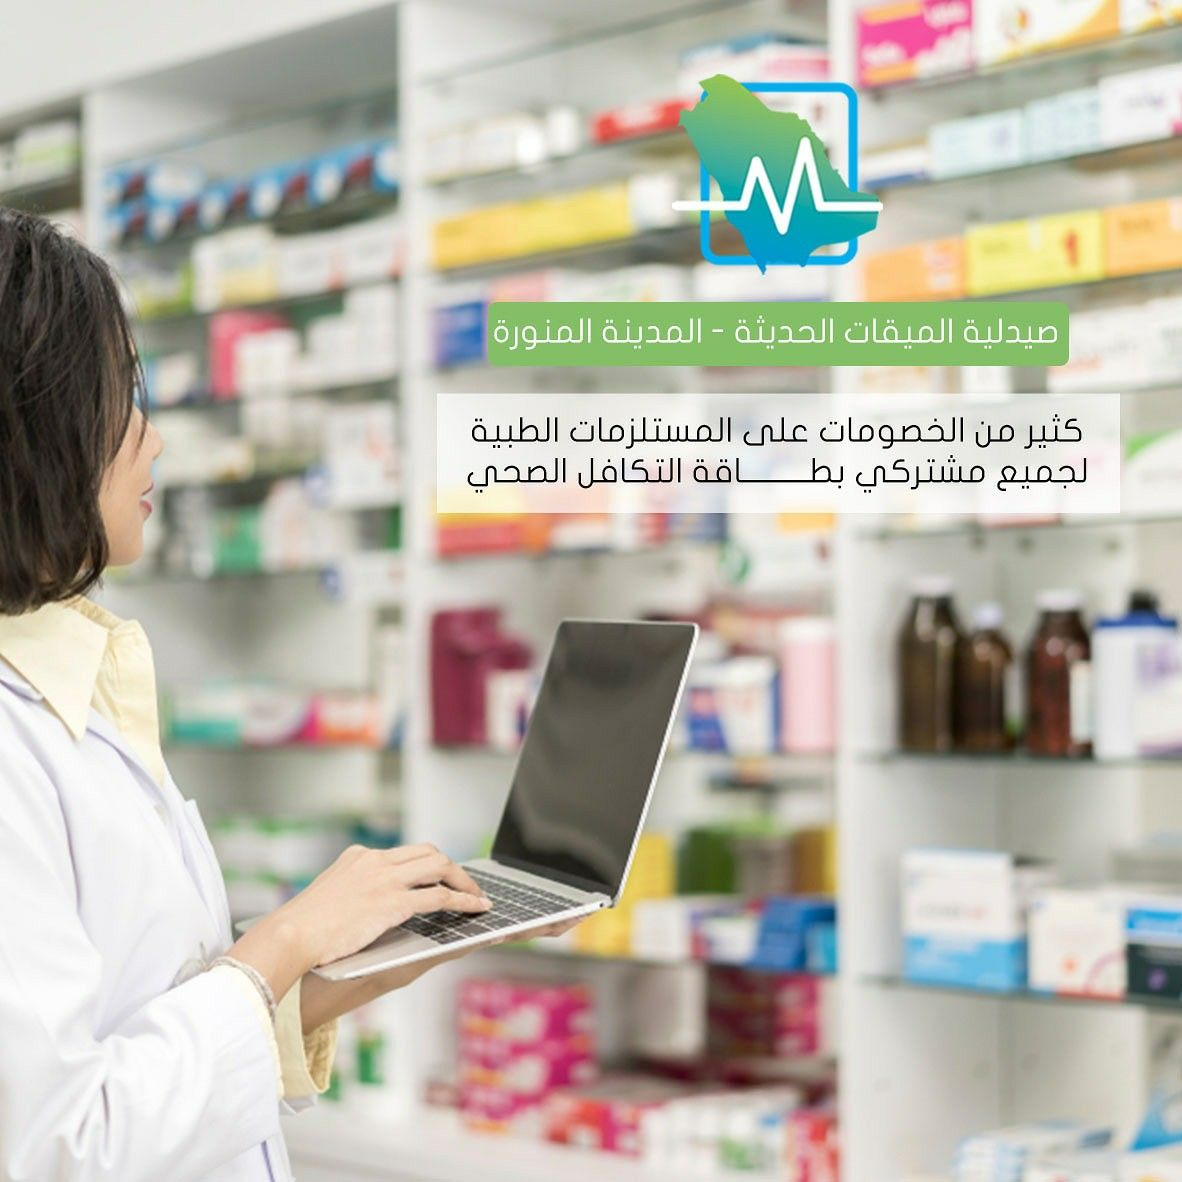 متوفر لدى صيدلية الميقات الحديثة في المدينة المنورة الكثير من المستلزمات الطبية بخصومات مميزة على بطاقة التكافل الصحي الاد Health Insurance Health Insurance